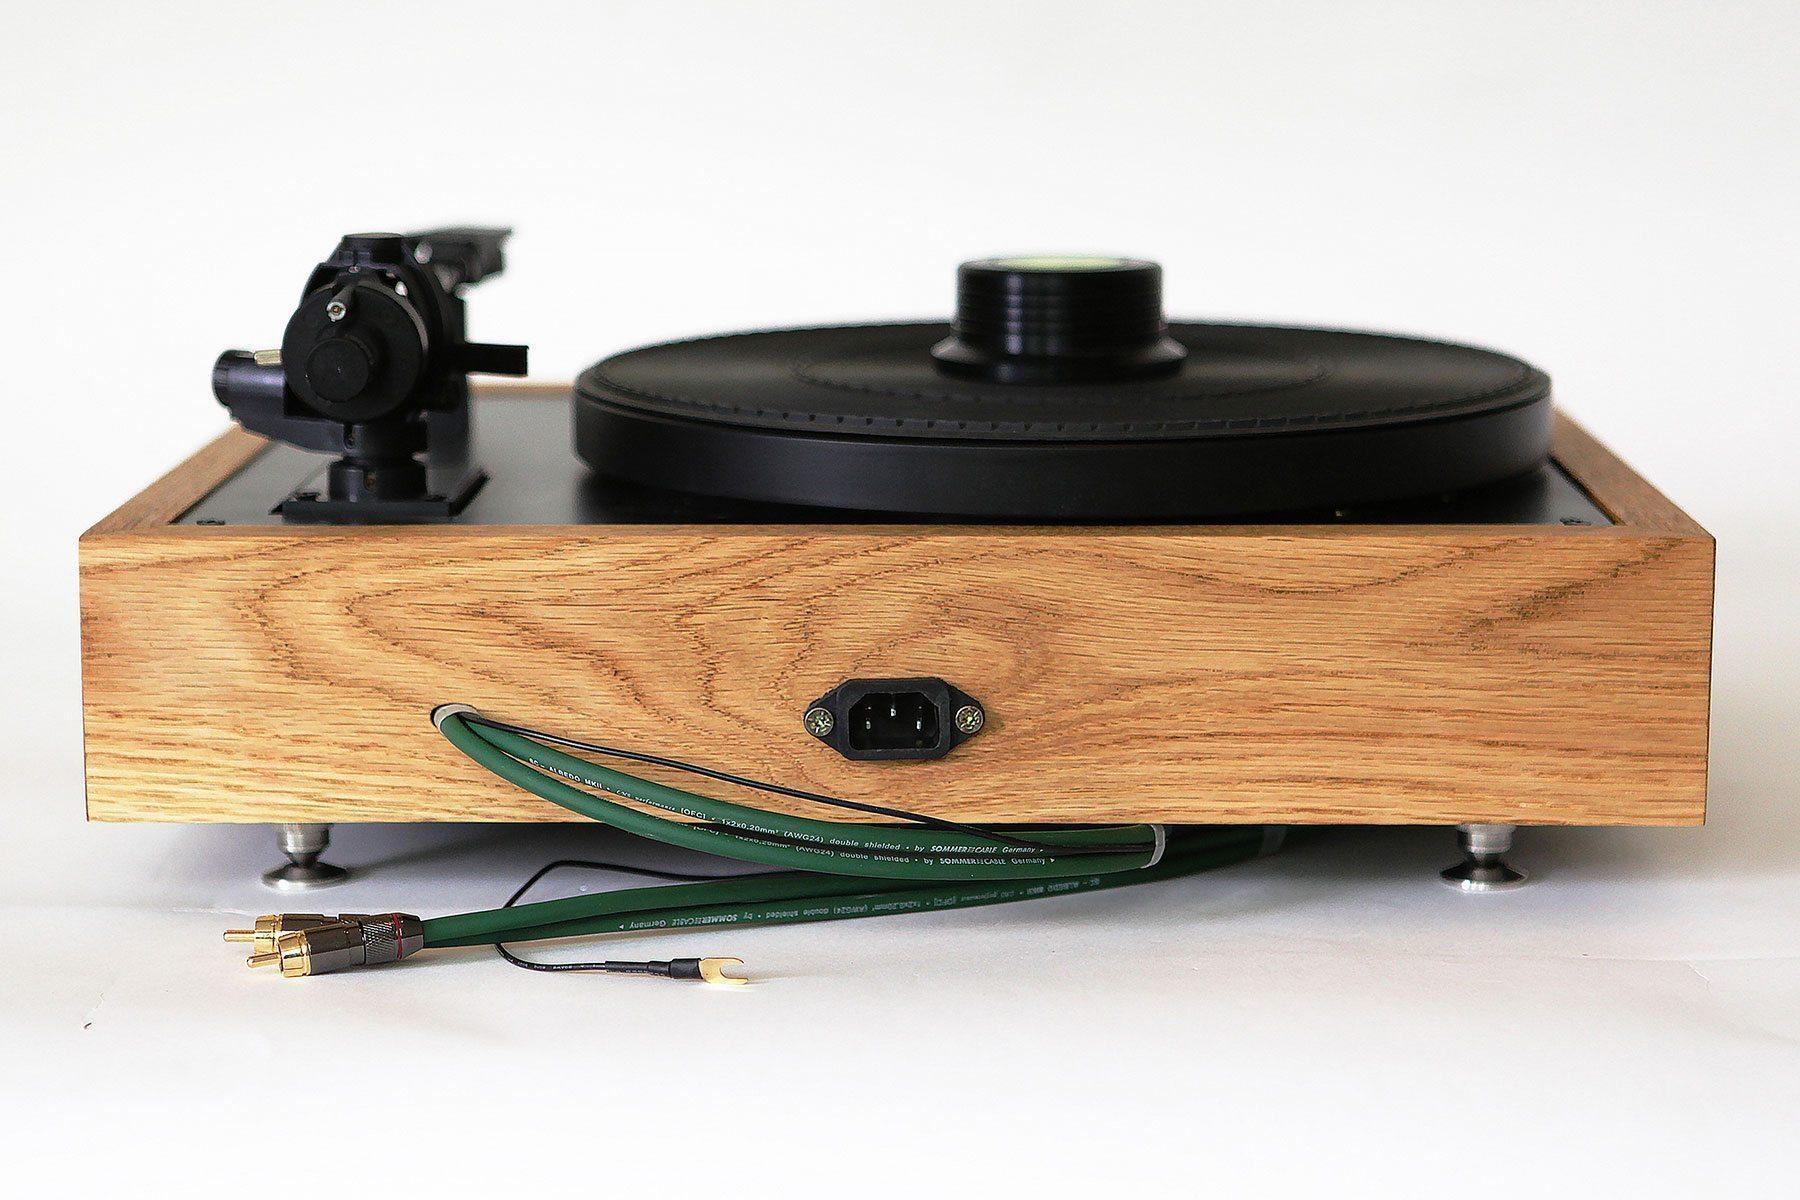 Thorens td 160 le comptoir du son et de la musique - Platines vinyles vintage ...